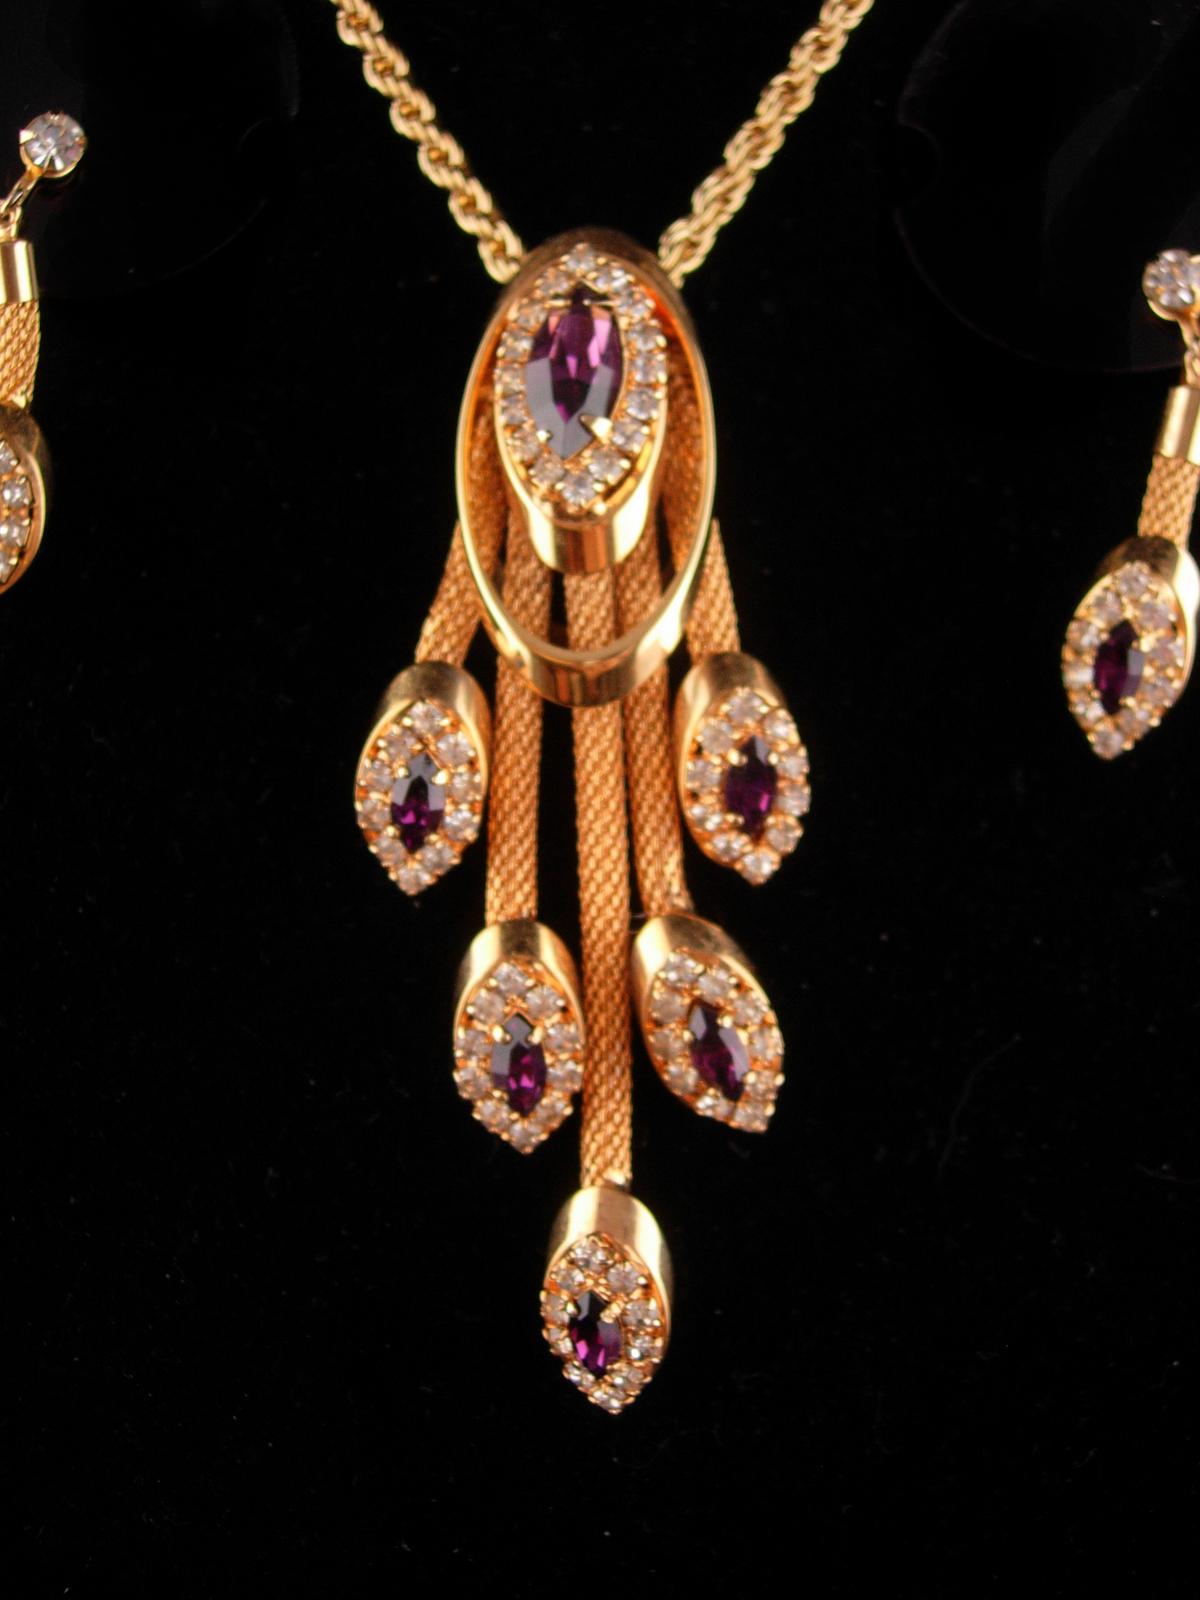 Stunning Vintage rhinestone necklace set - Purple tassel drops - amethyst rhines